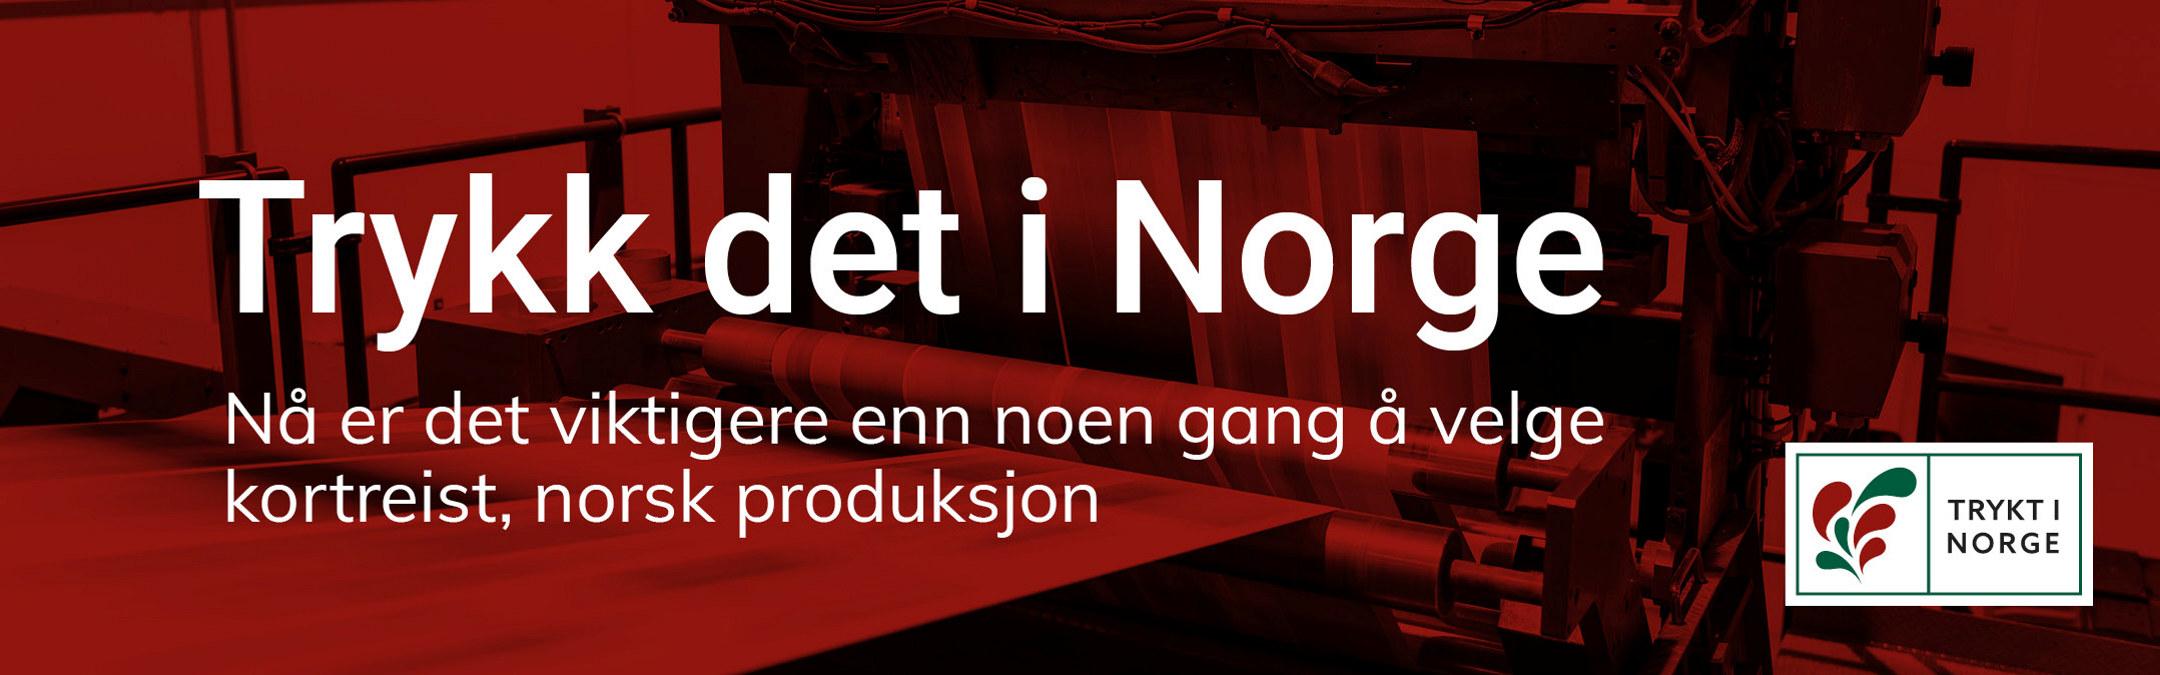 Banner med teksten Trykt i Norge